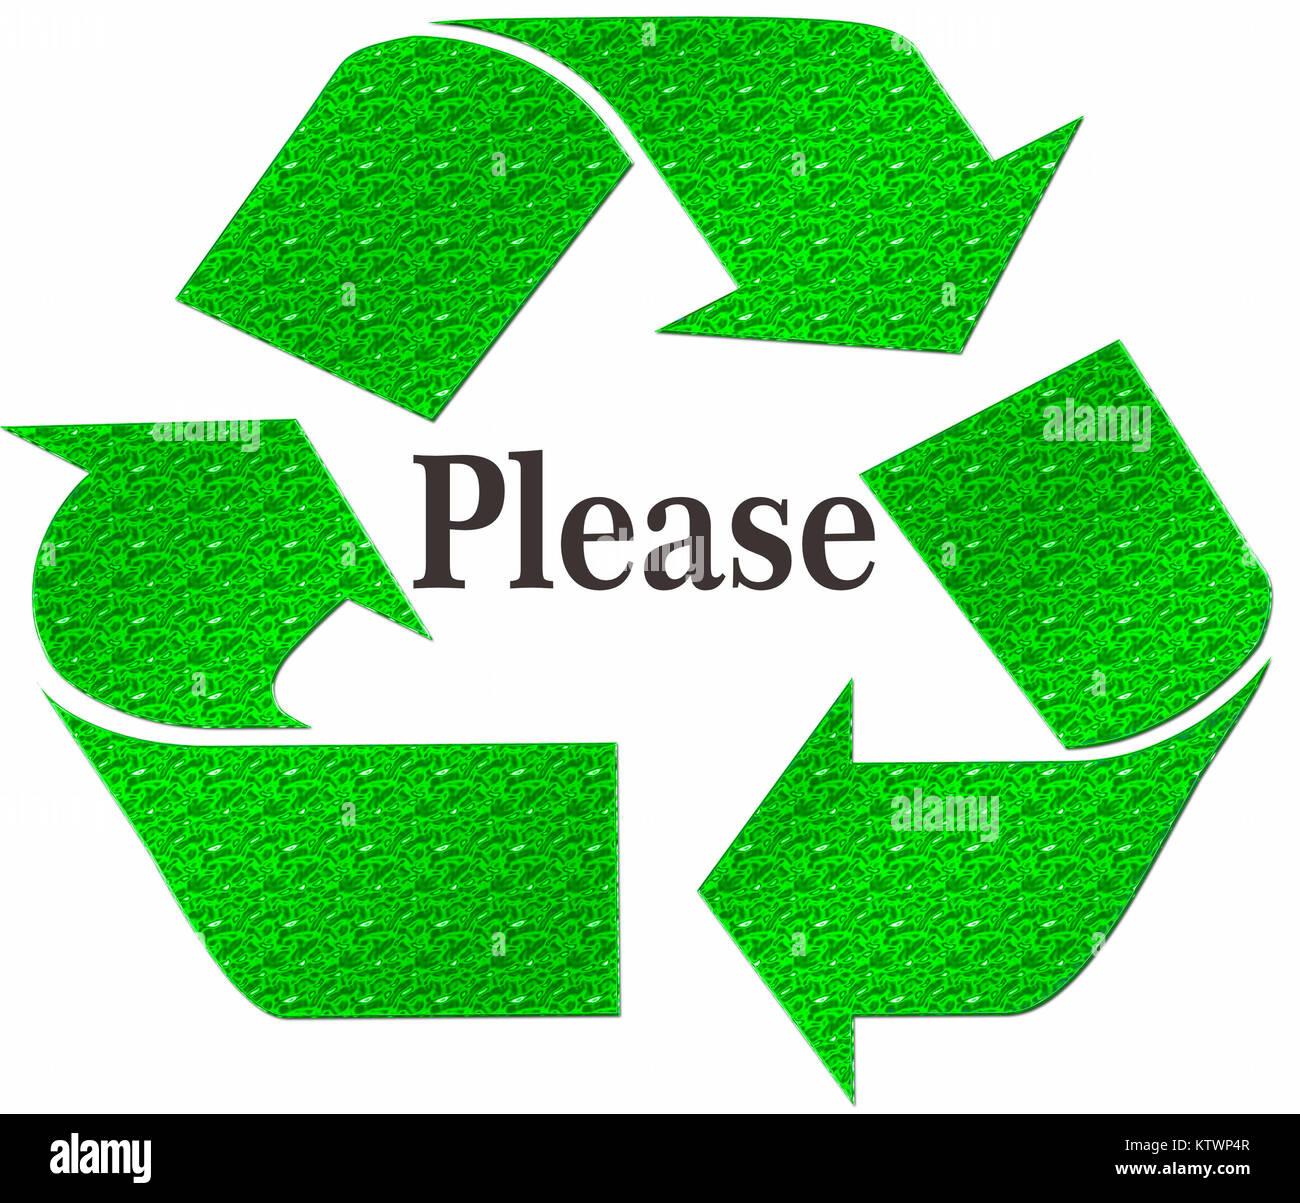 Reduce reuse recycle stock photos reduce reuse recycle stock please recycle symbol isolated on a white background stock image buycottarizona Choice Image